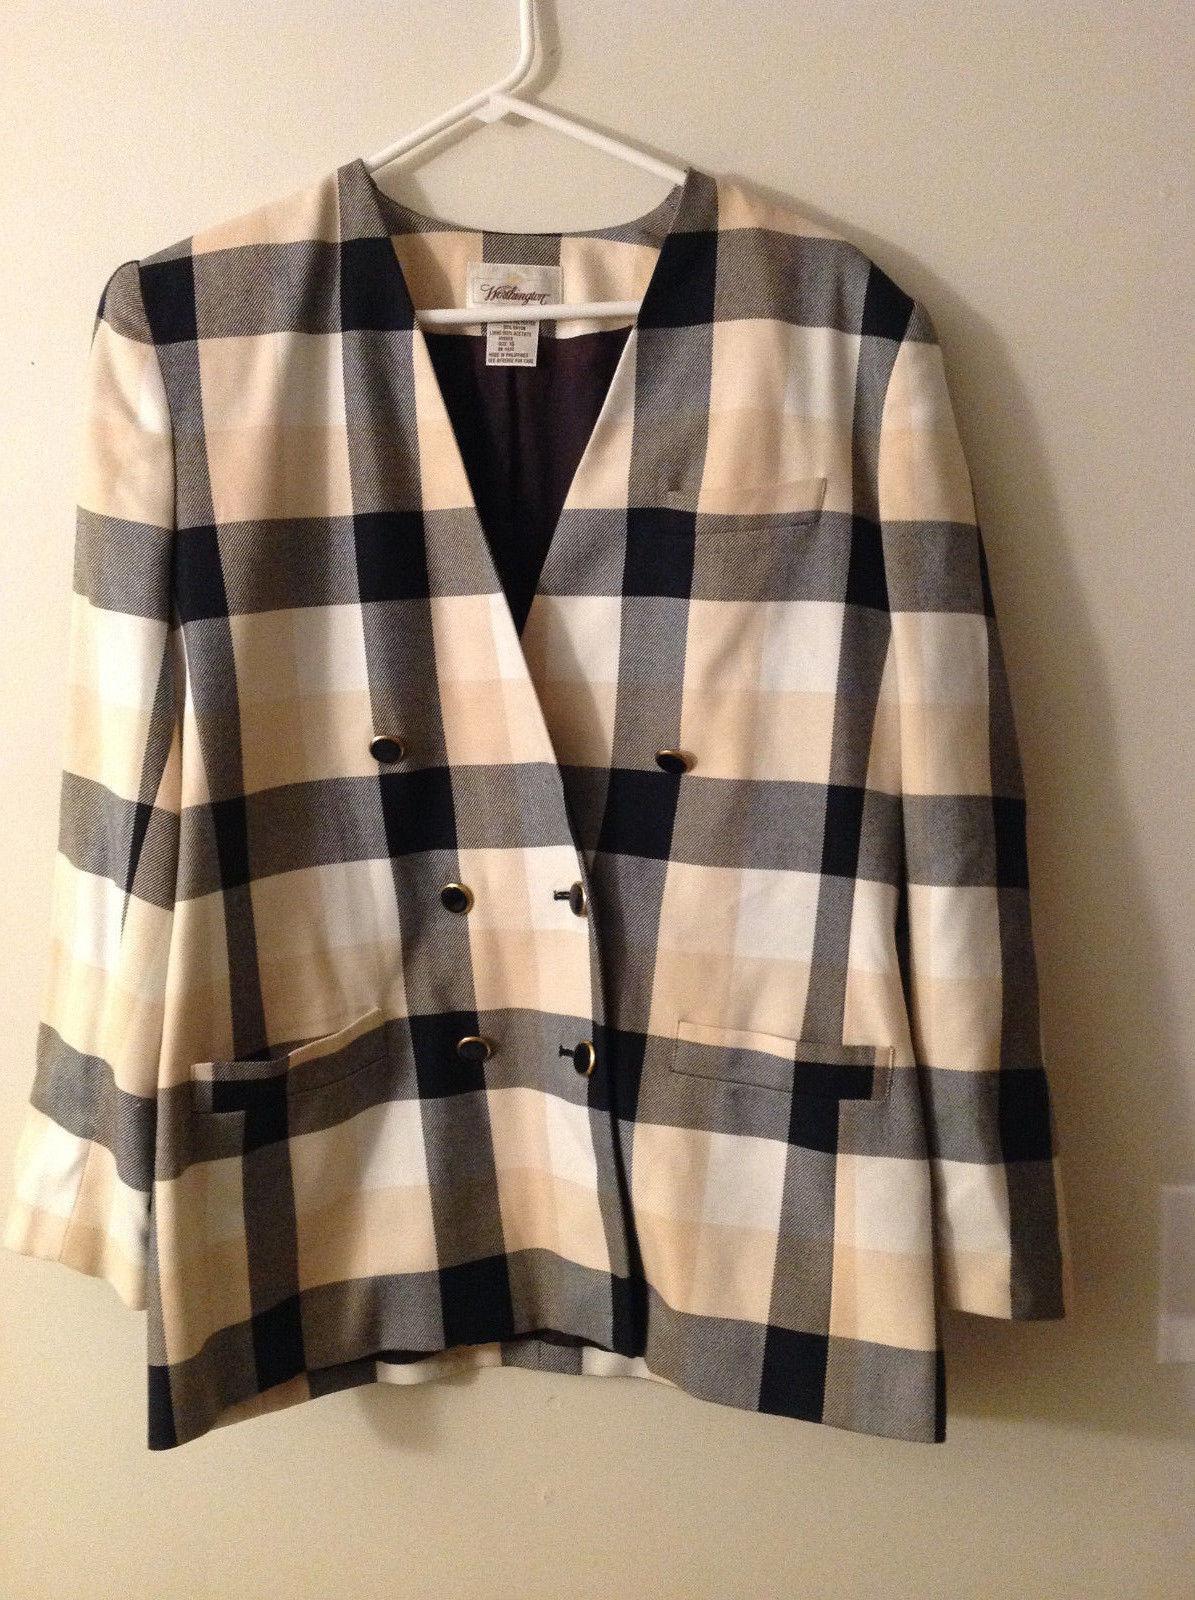 Worthington Women's Size 16 Blazer Black Cream Beige Allover Plaid Check Pattern